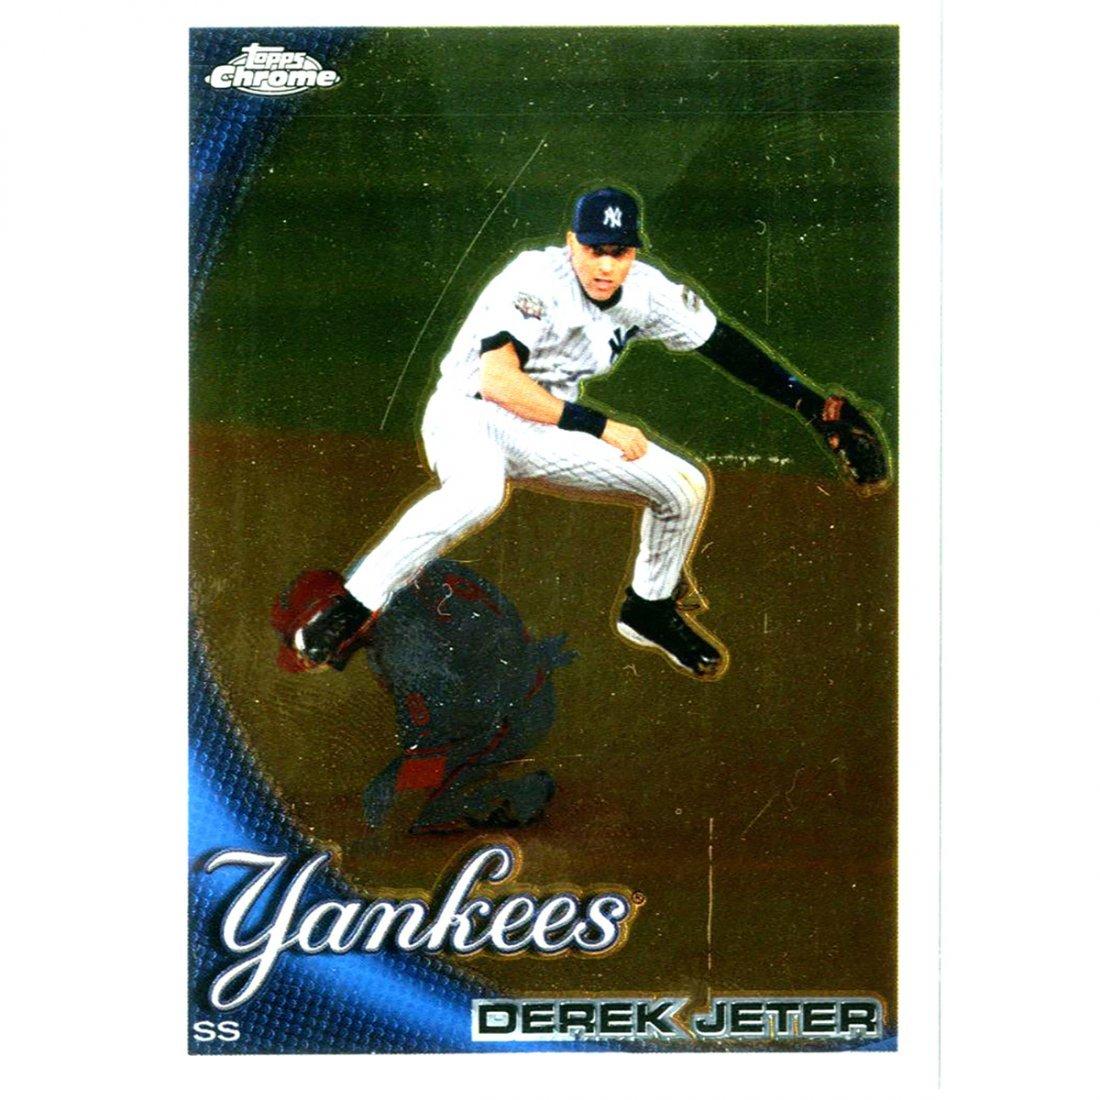 Derek Jeter 2010 Topps Chrome Card